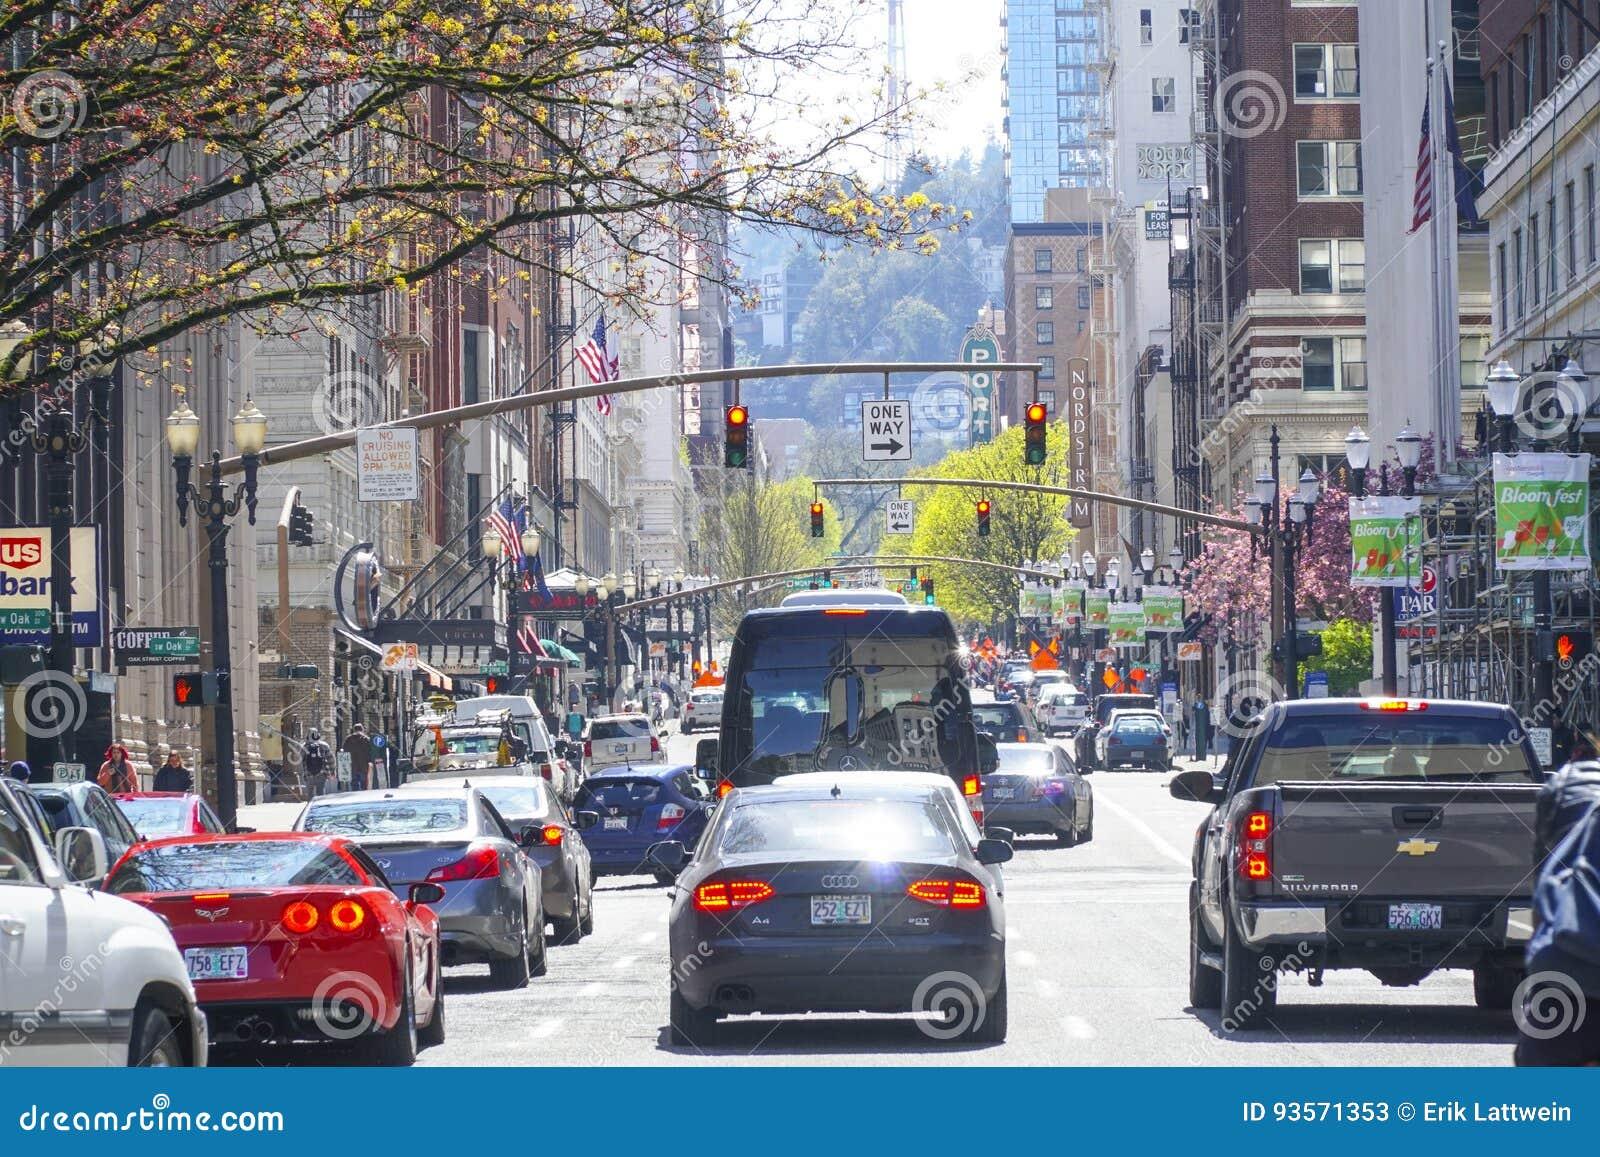 Street View In Portland - Traffic On Broadway - PORTLAND - OREGON